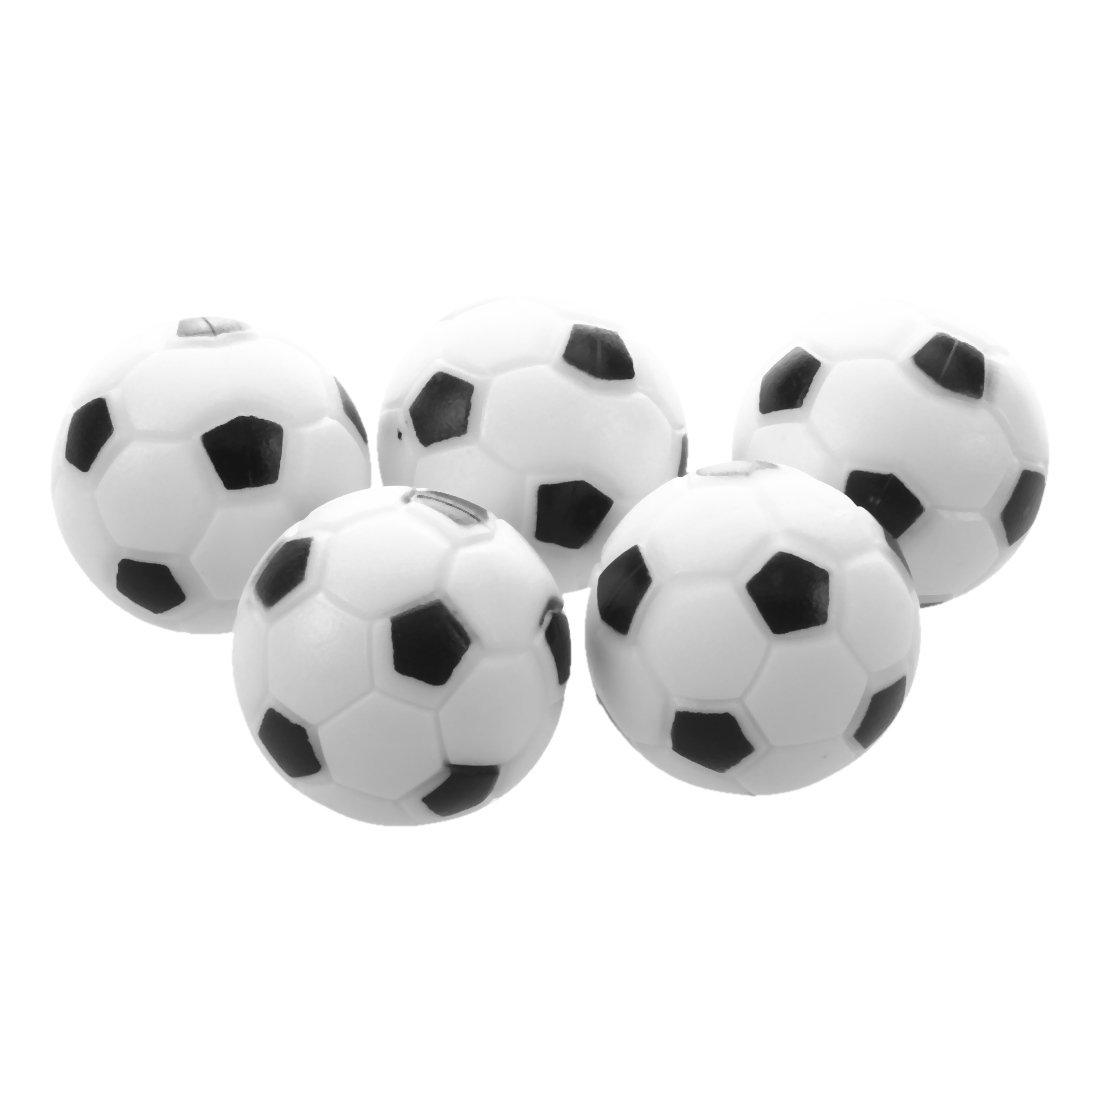 Futbolín - TOOGOO (R) 5 x futbolín juguete pelota de juguete pequeño, 32 mm: Amazon.es: Deportes y aire libre